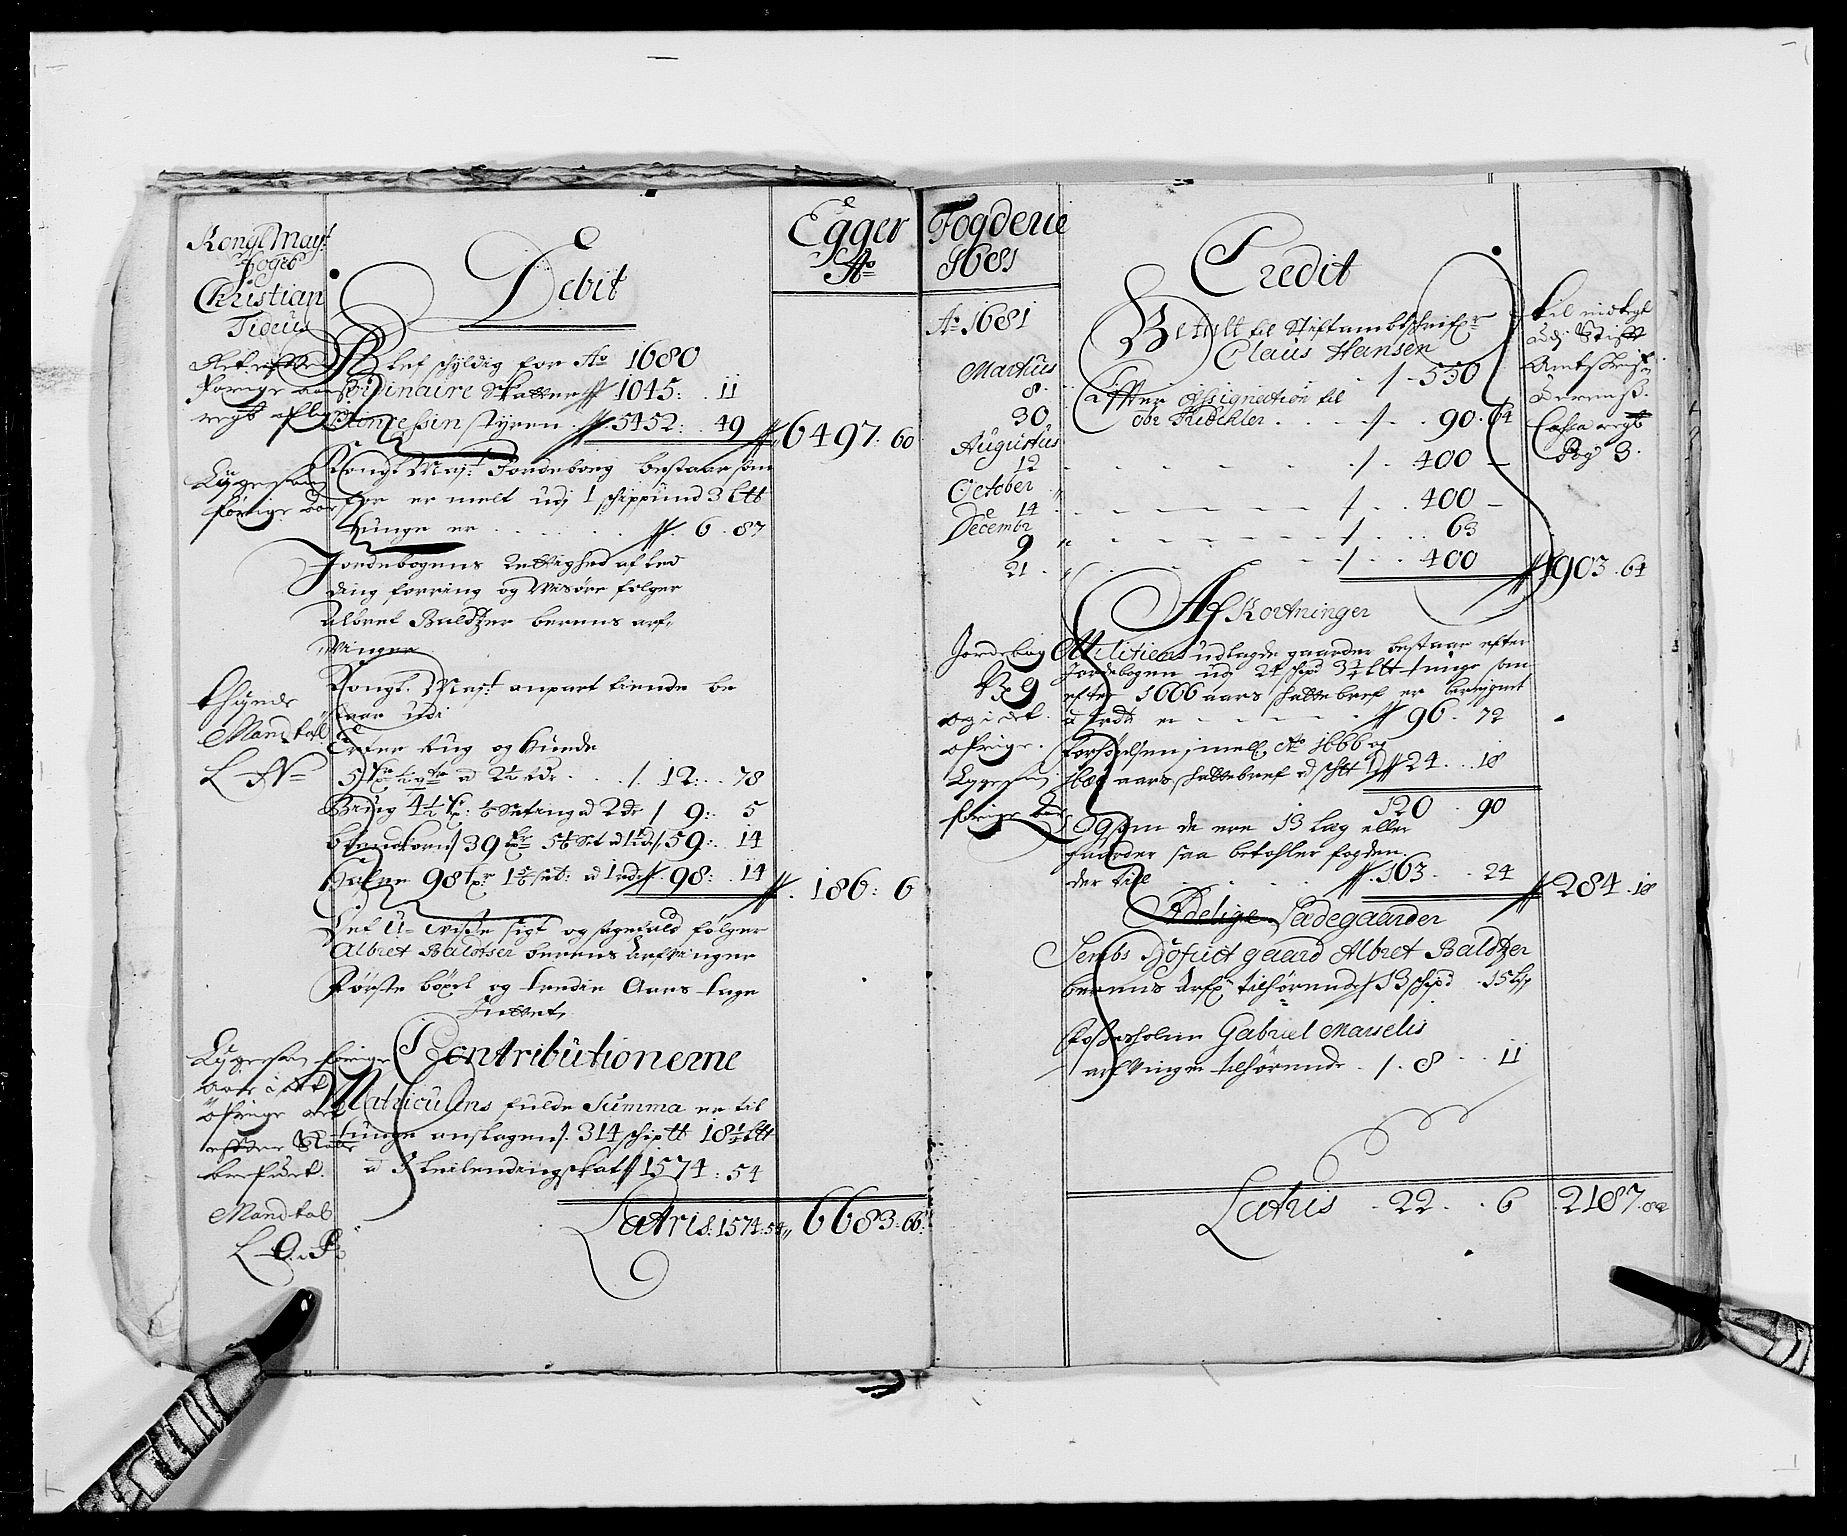 RA, Rentekammeret inntil 1814, Reviderte regnskaper, Fogderegnskap, R26/L1684: Fogderegnskap Eiker, 1679-1686, s. 13